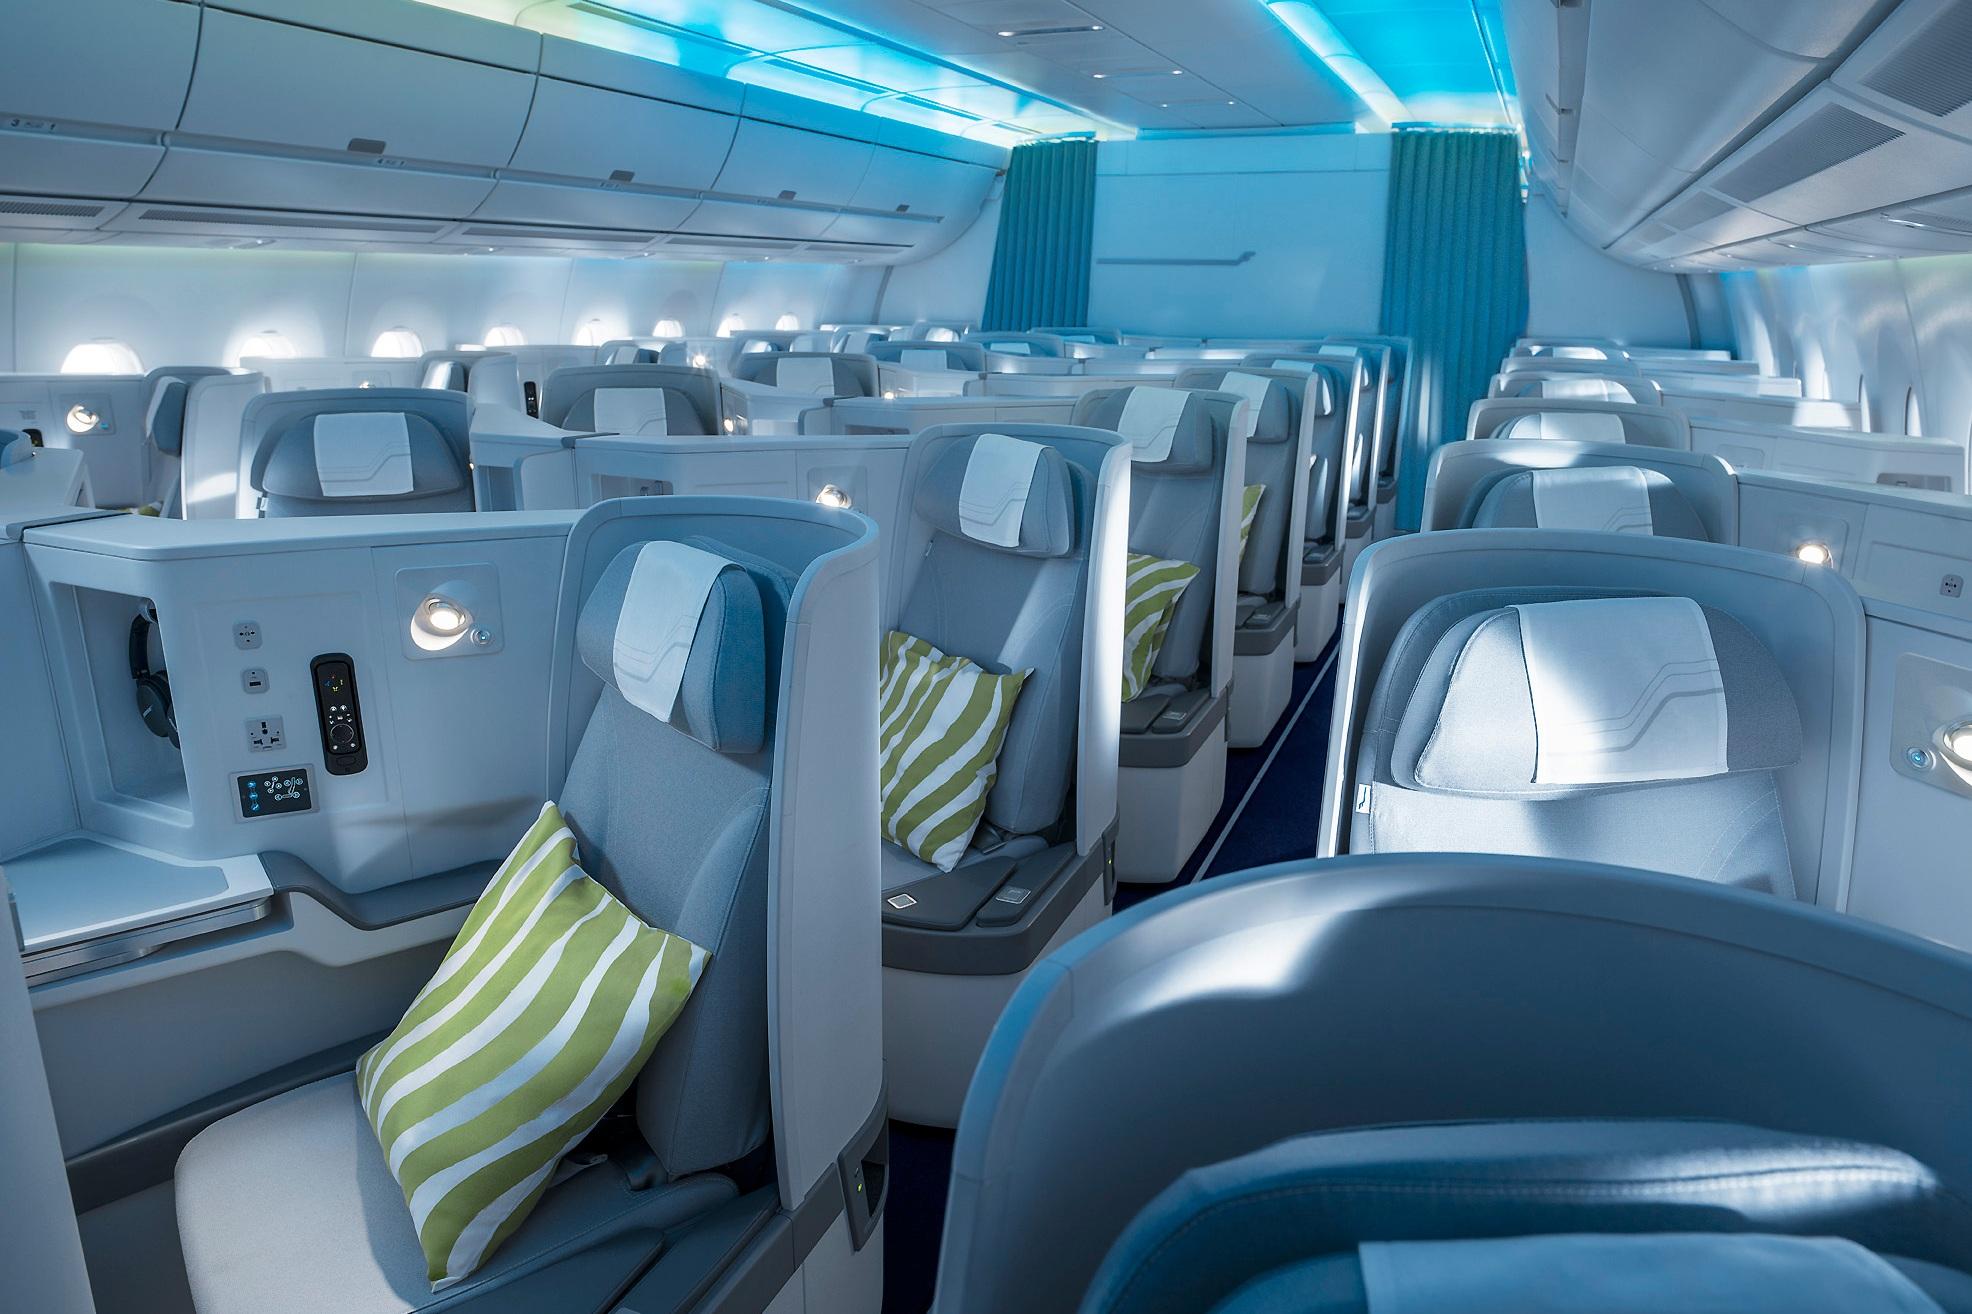 Fly Finnair business class on an Avios multi-carrier award!